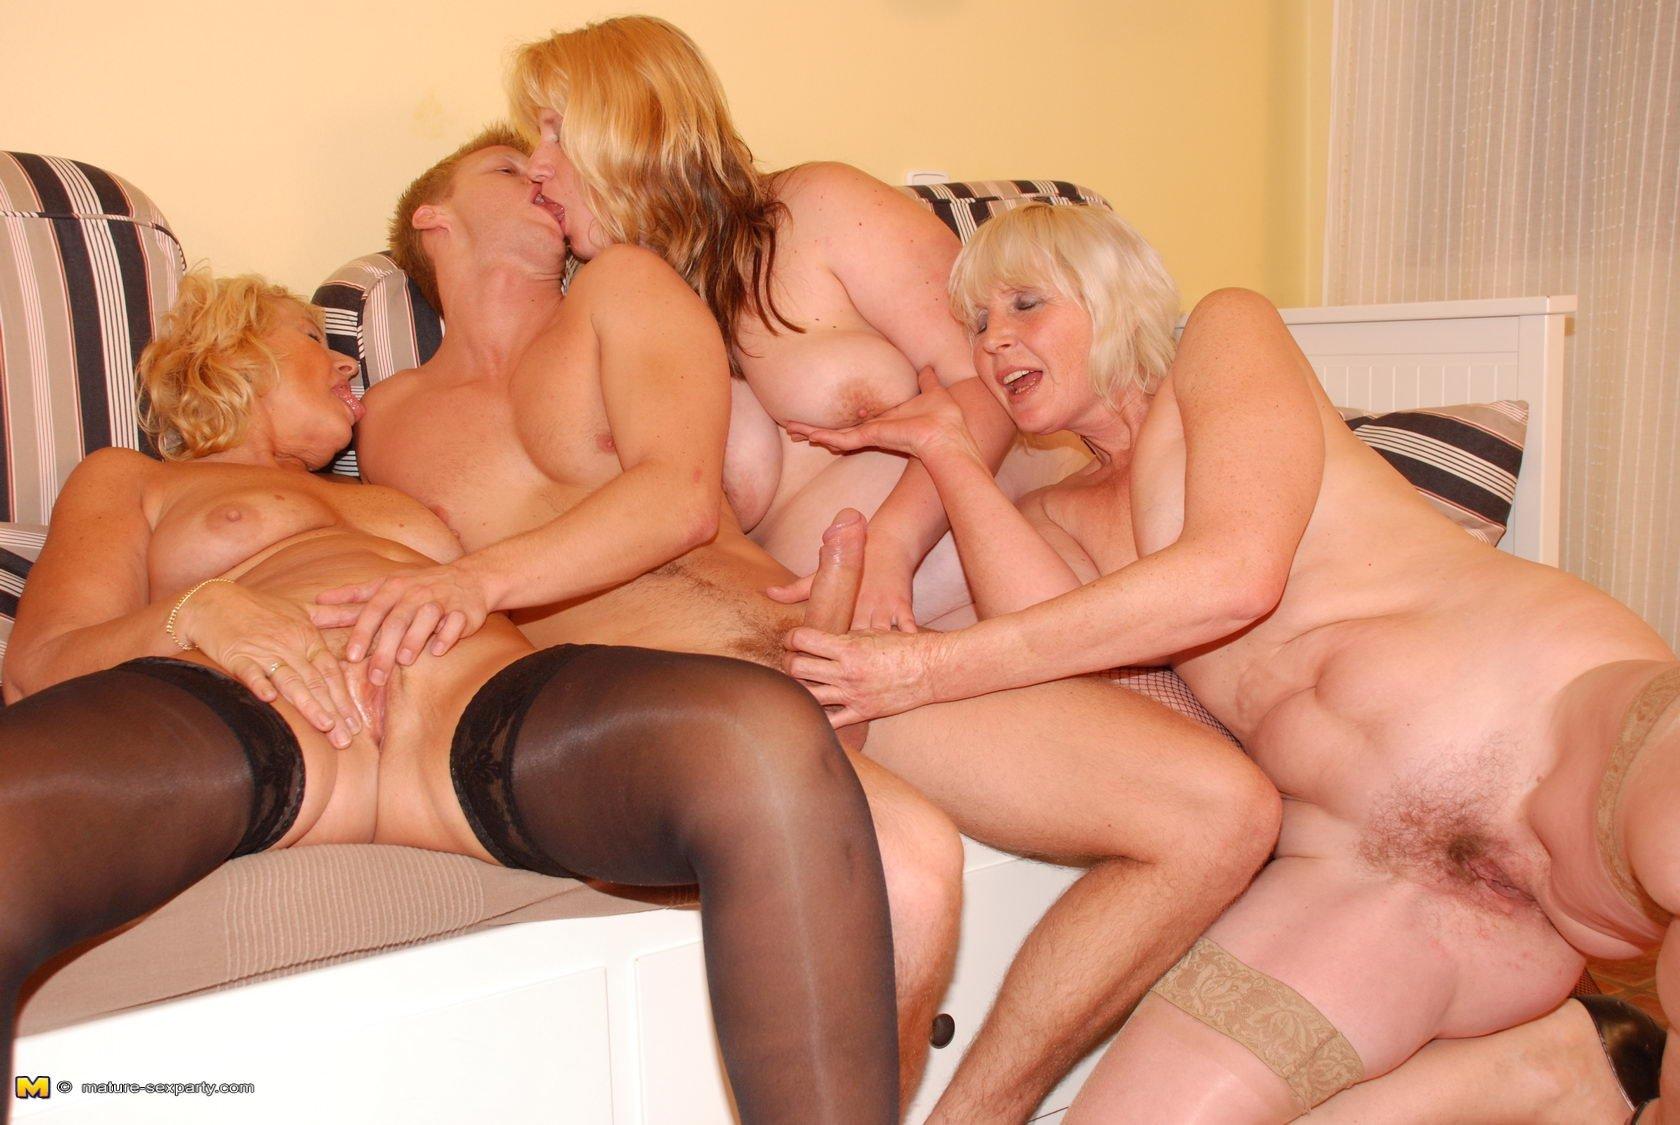 Секс виде зрелыми, Порно видео зрелые, секс со зрелыми бабами, порно 7 фотография